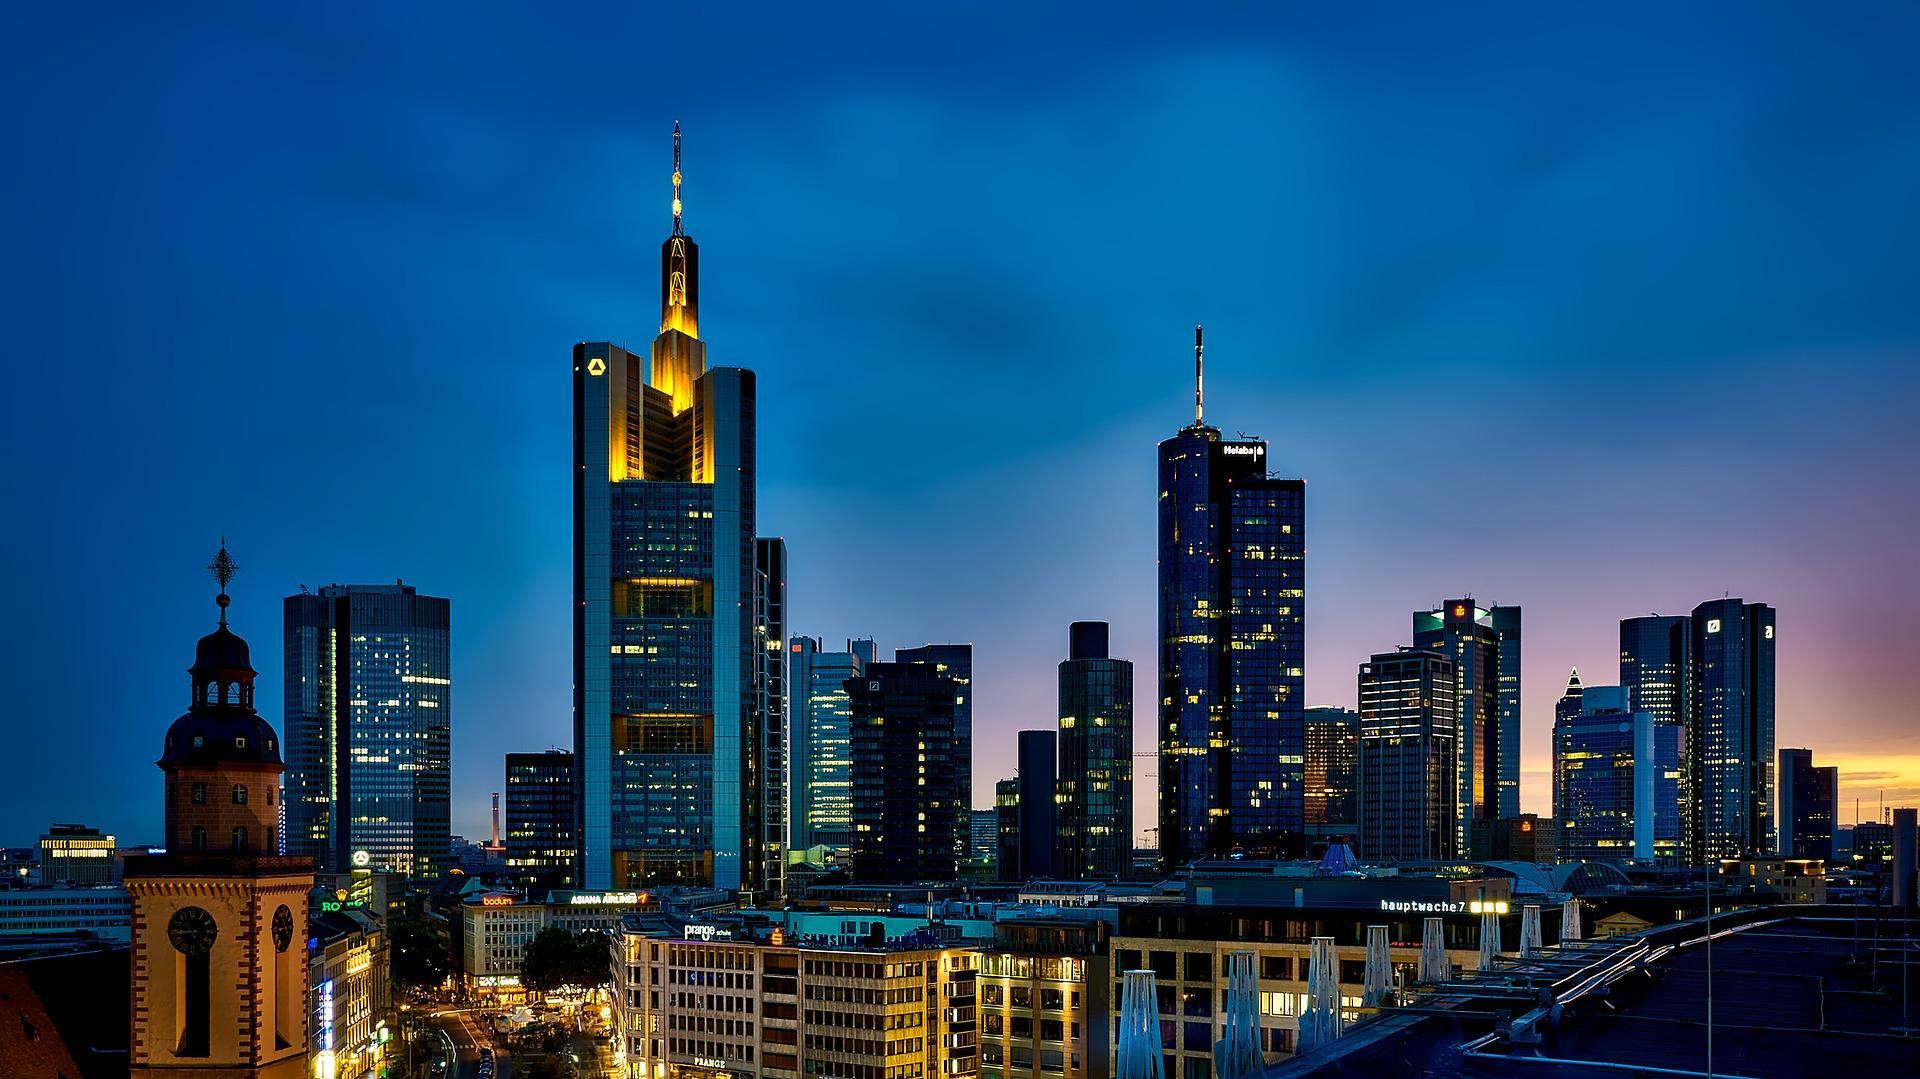 Bild von Frankfurter Skyline bei schönem Sonnenuntergang